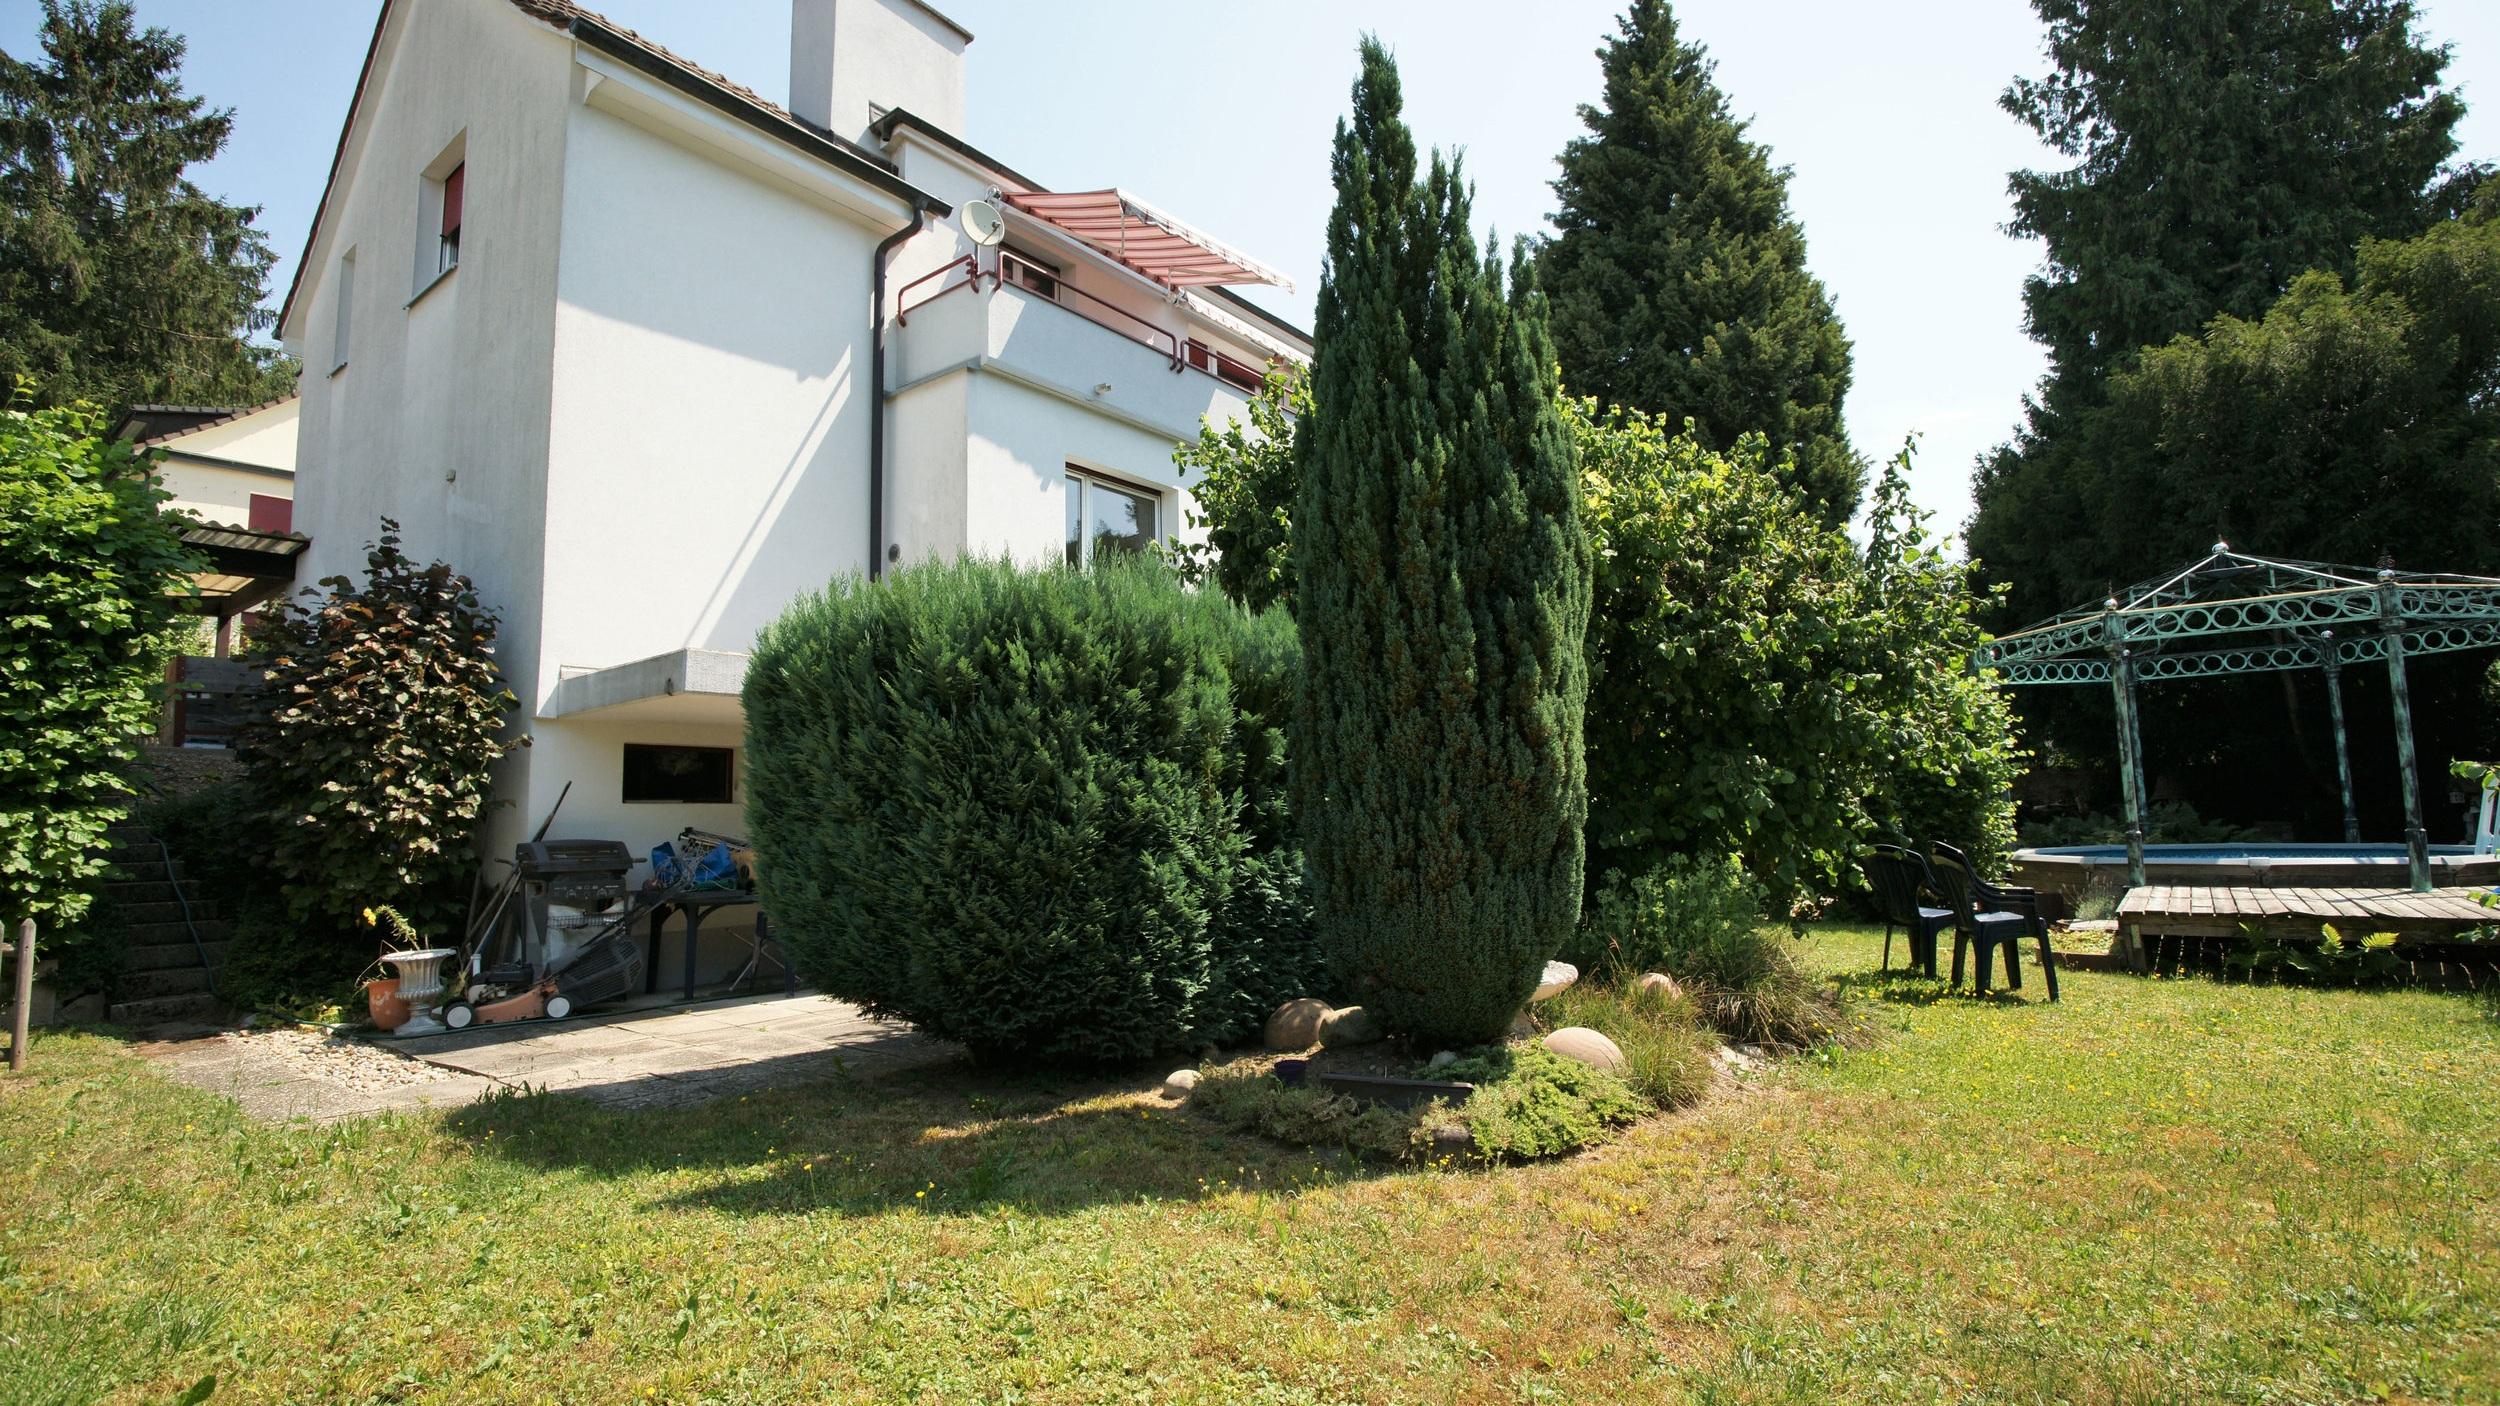 Aussenansicht-Gartenseite2.jpg